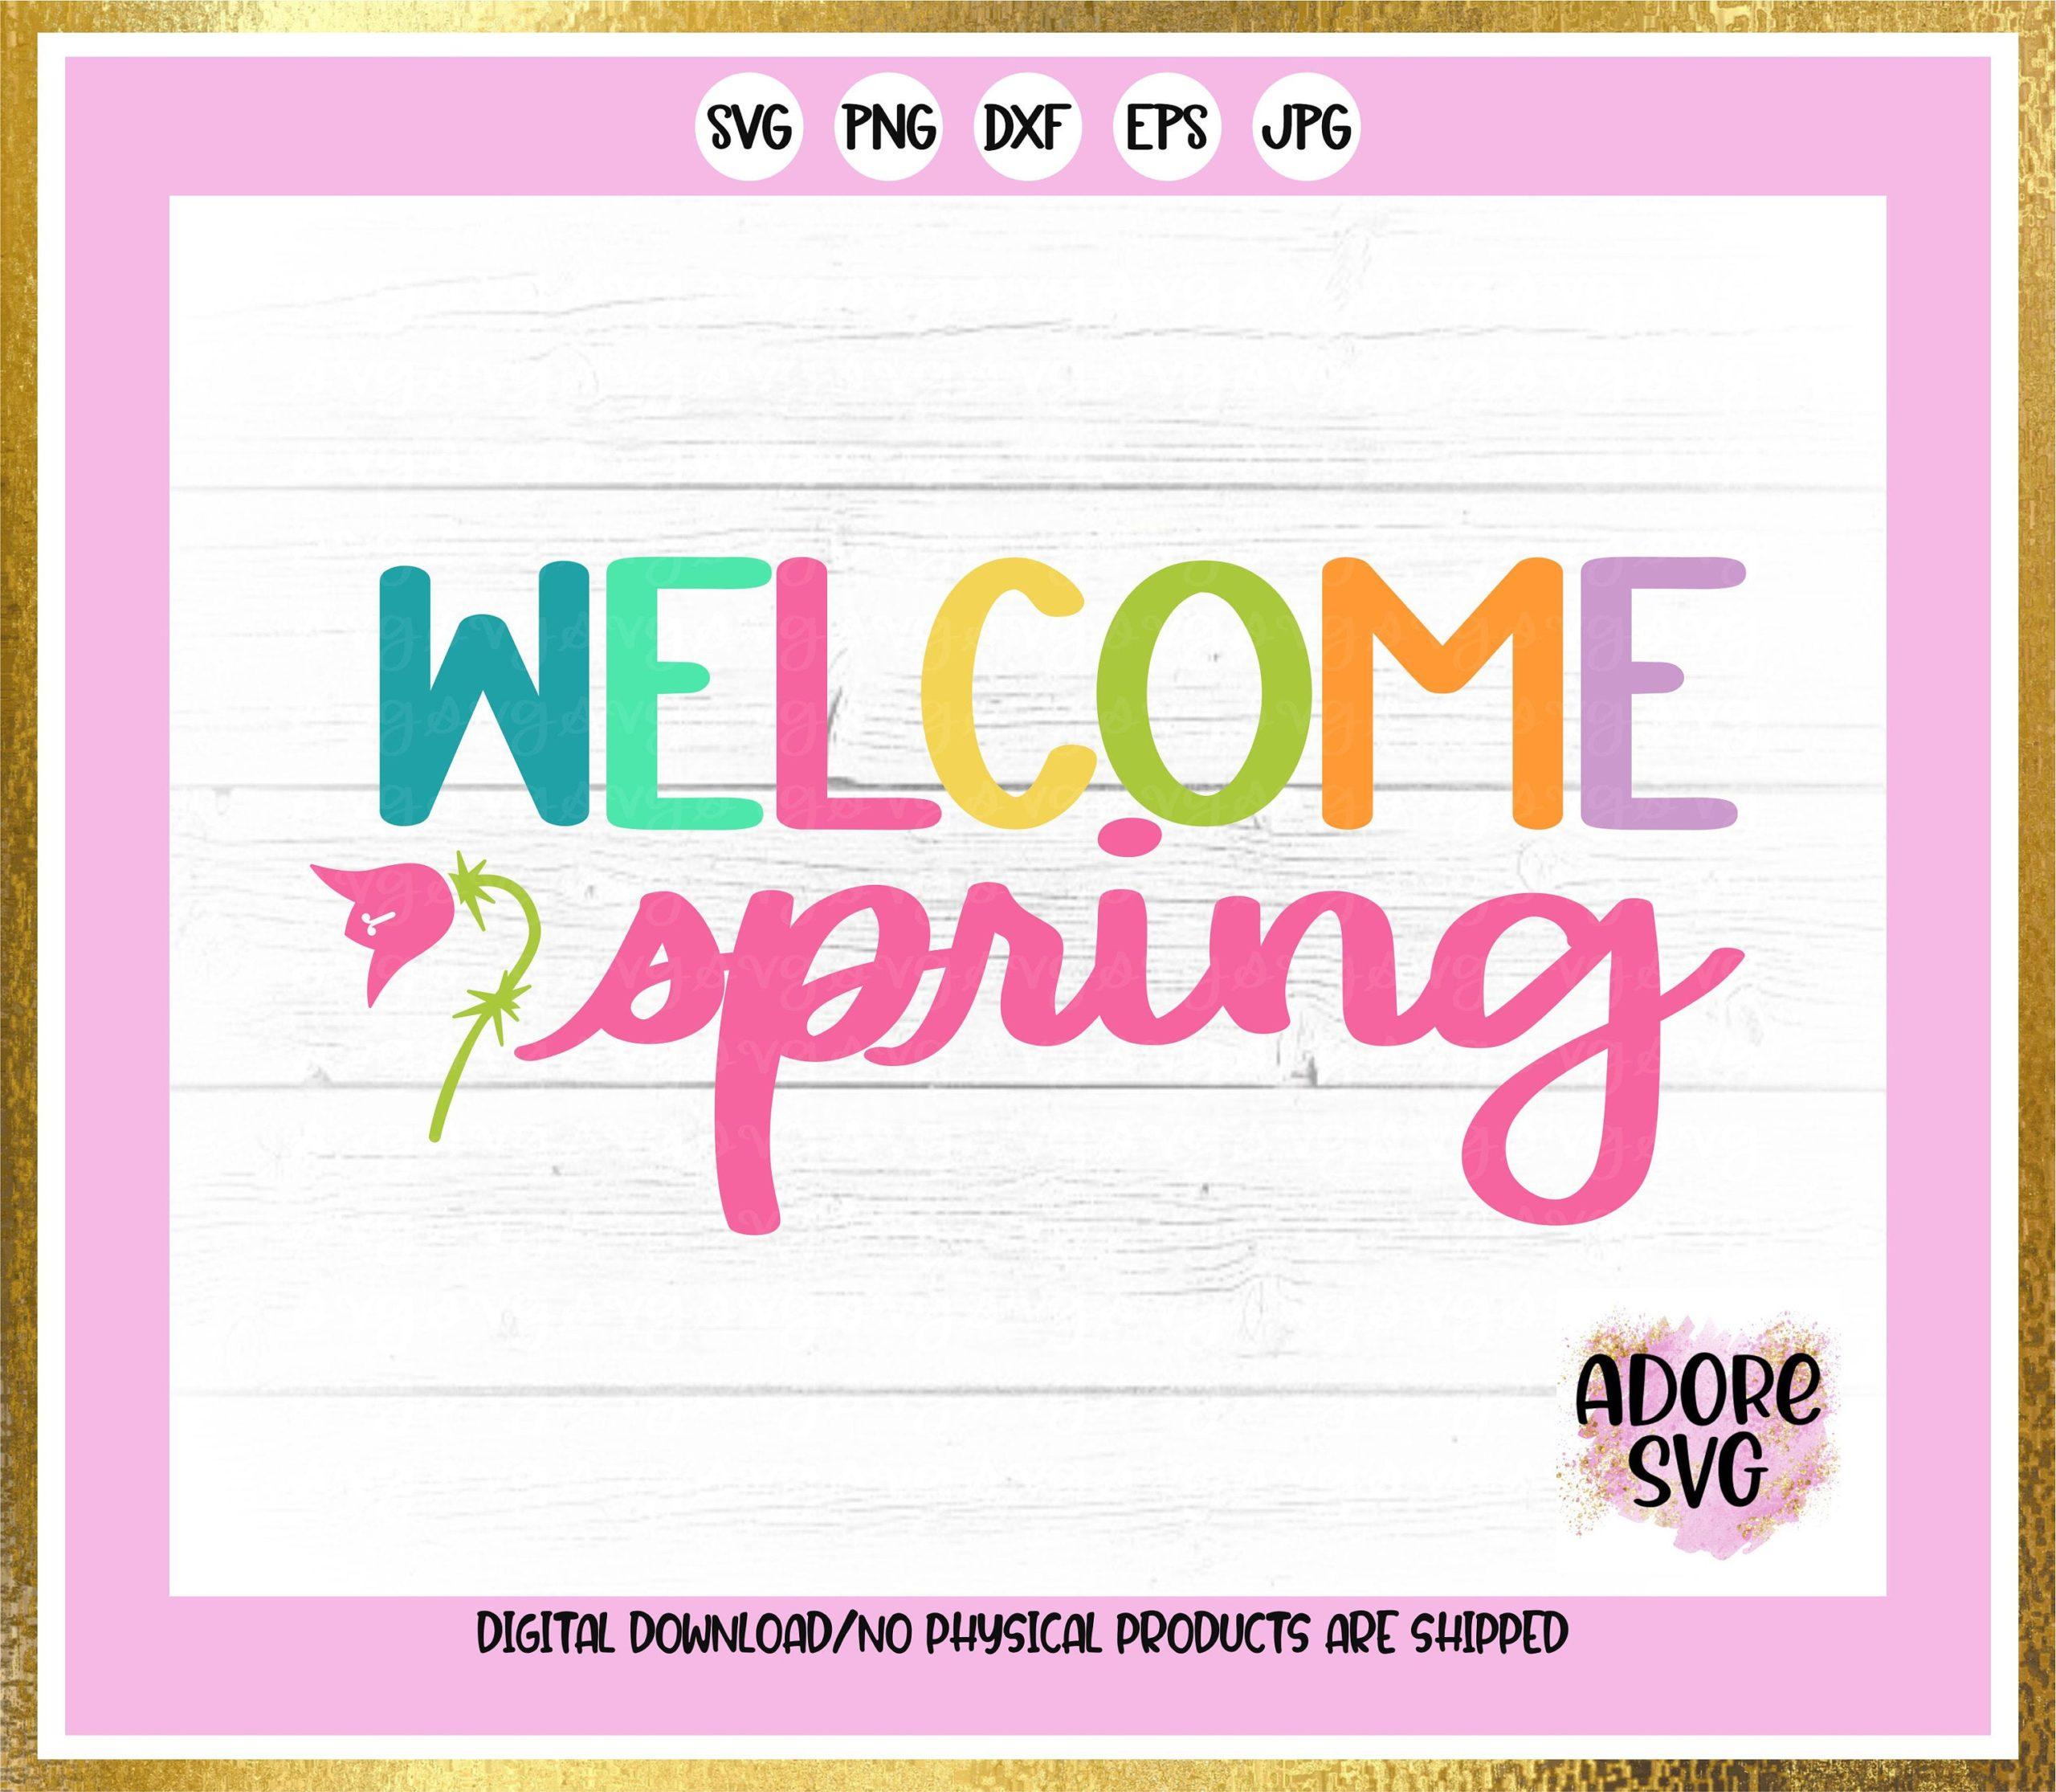 Spring-svg-welcome-spring-svg-spring-svgs-springtime-svg-flowers-svg-spring-svg-design-spring-cut-file-spring-cricut-svg-6051284b